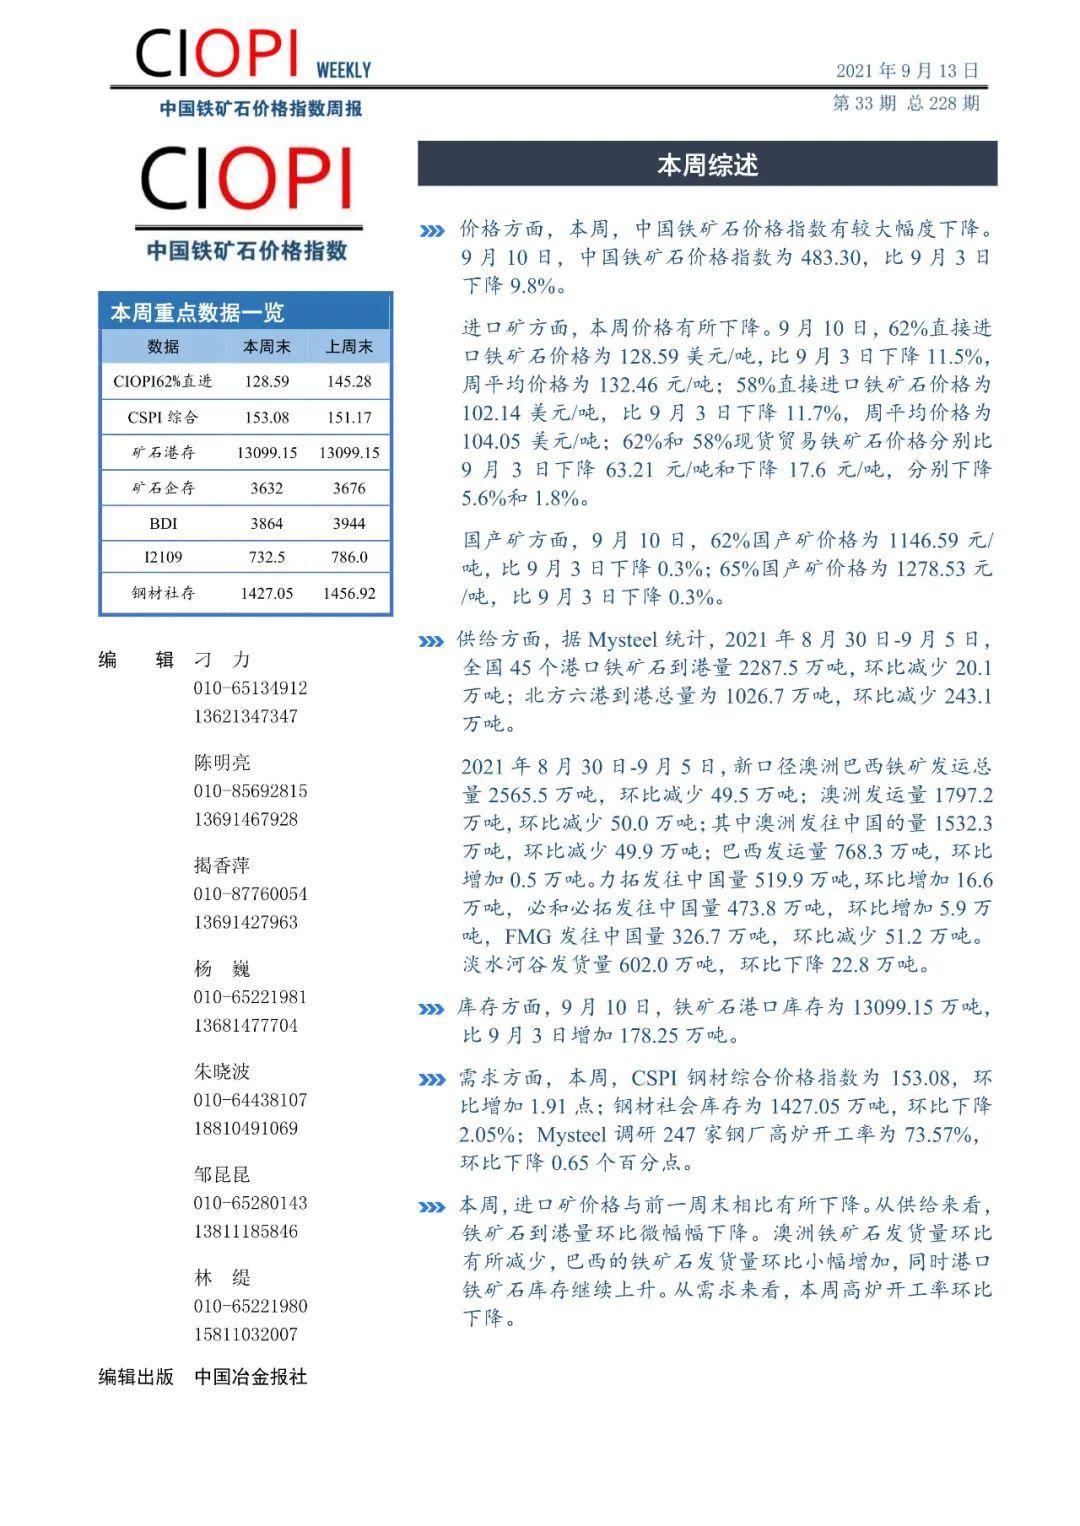 中国铁矿石价格指数周报(9月6日-9月10日)